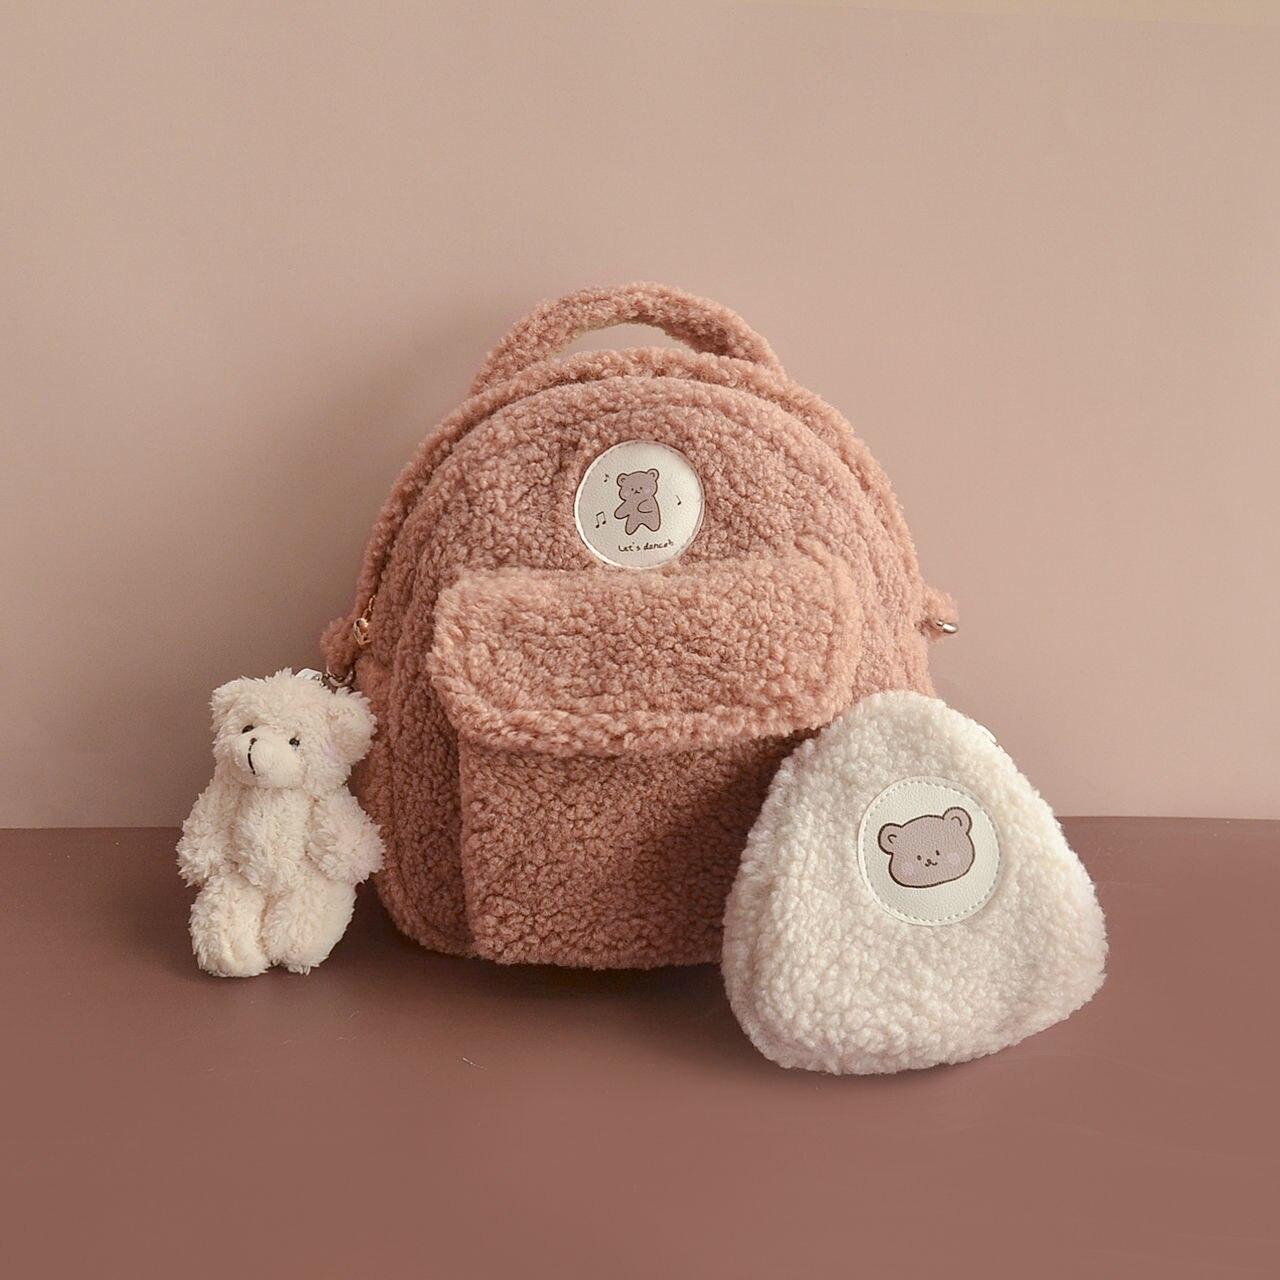 2020 pequeno urso mochila sacos das mulheres nova moda de pelúcia estilo universitário bonito mochila portátil kavaii casual meninas mini saco